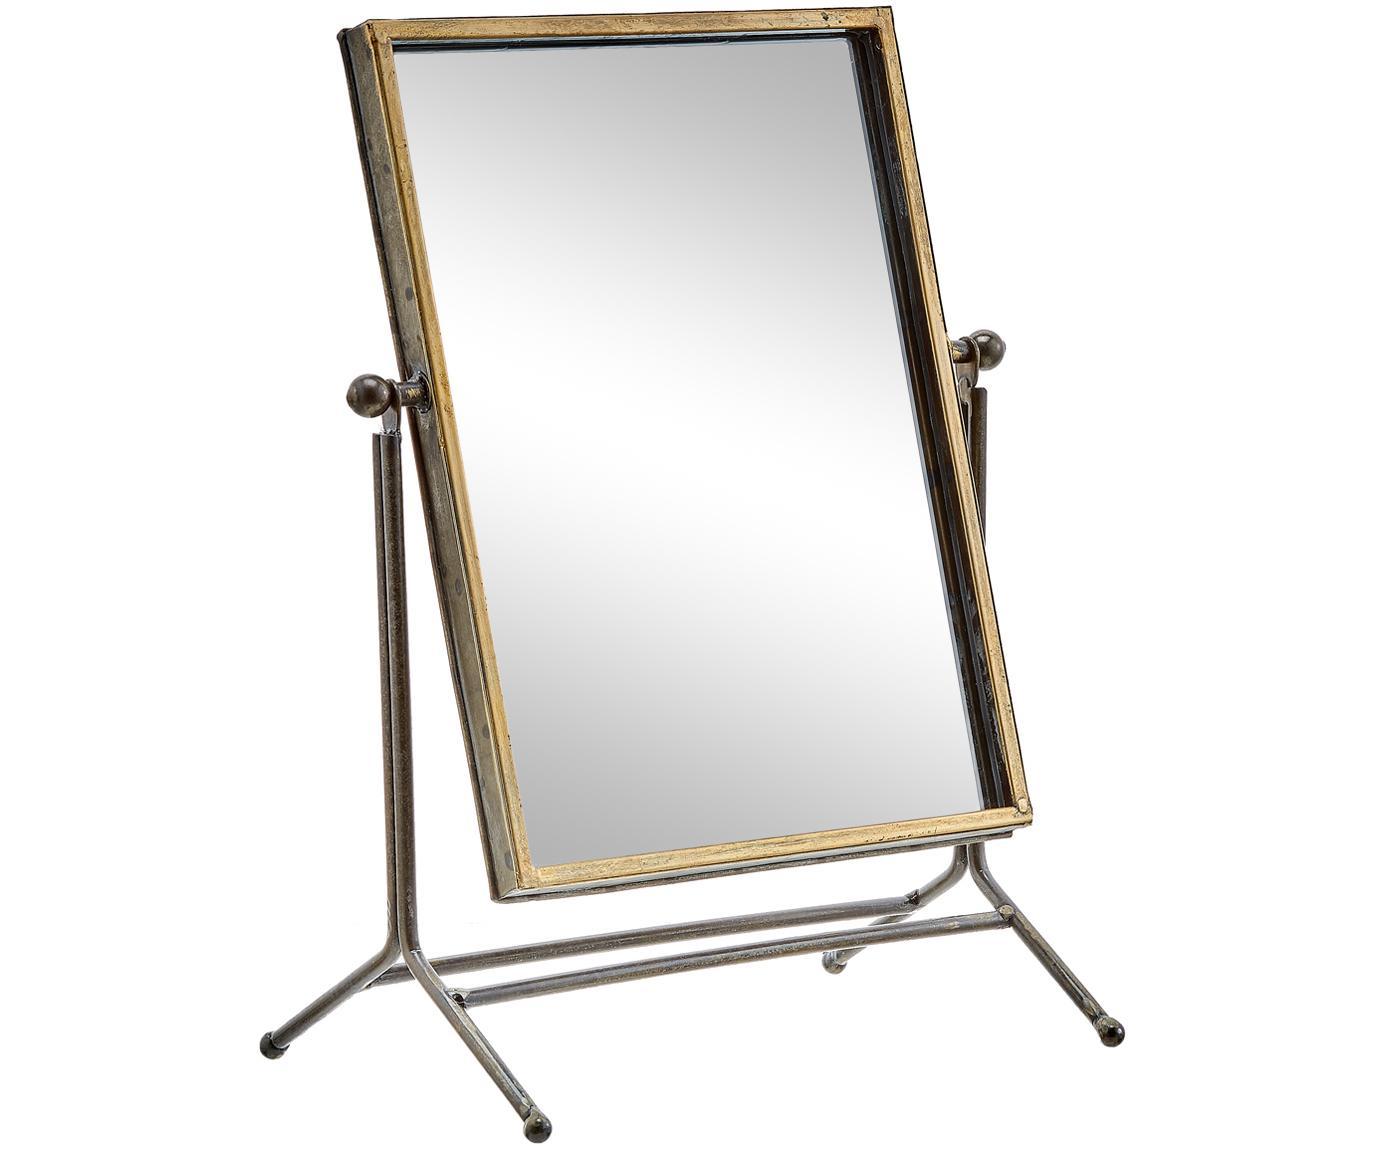 Make-up spiegel Antique, Lijst: gecoat metaal, Messingkleurig, 33 x 44 cm